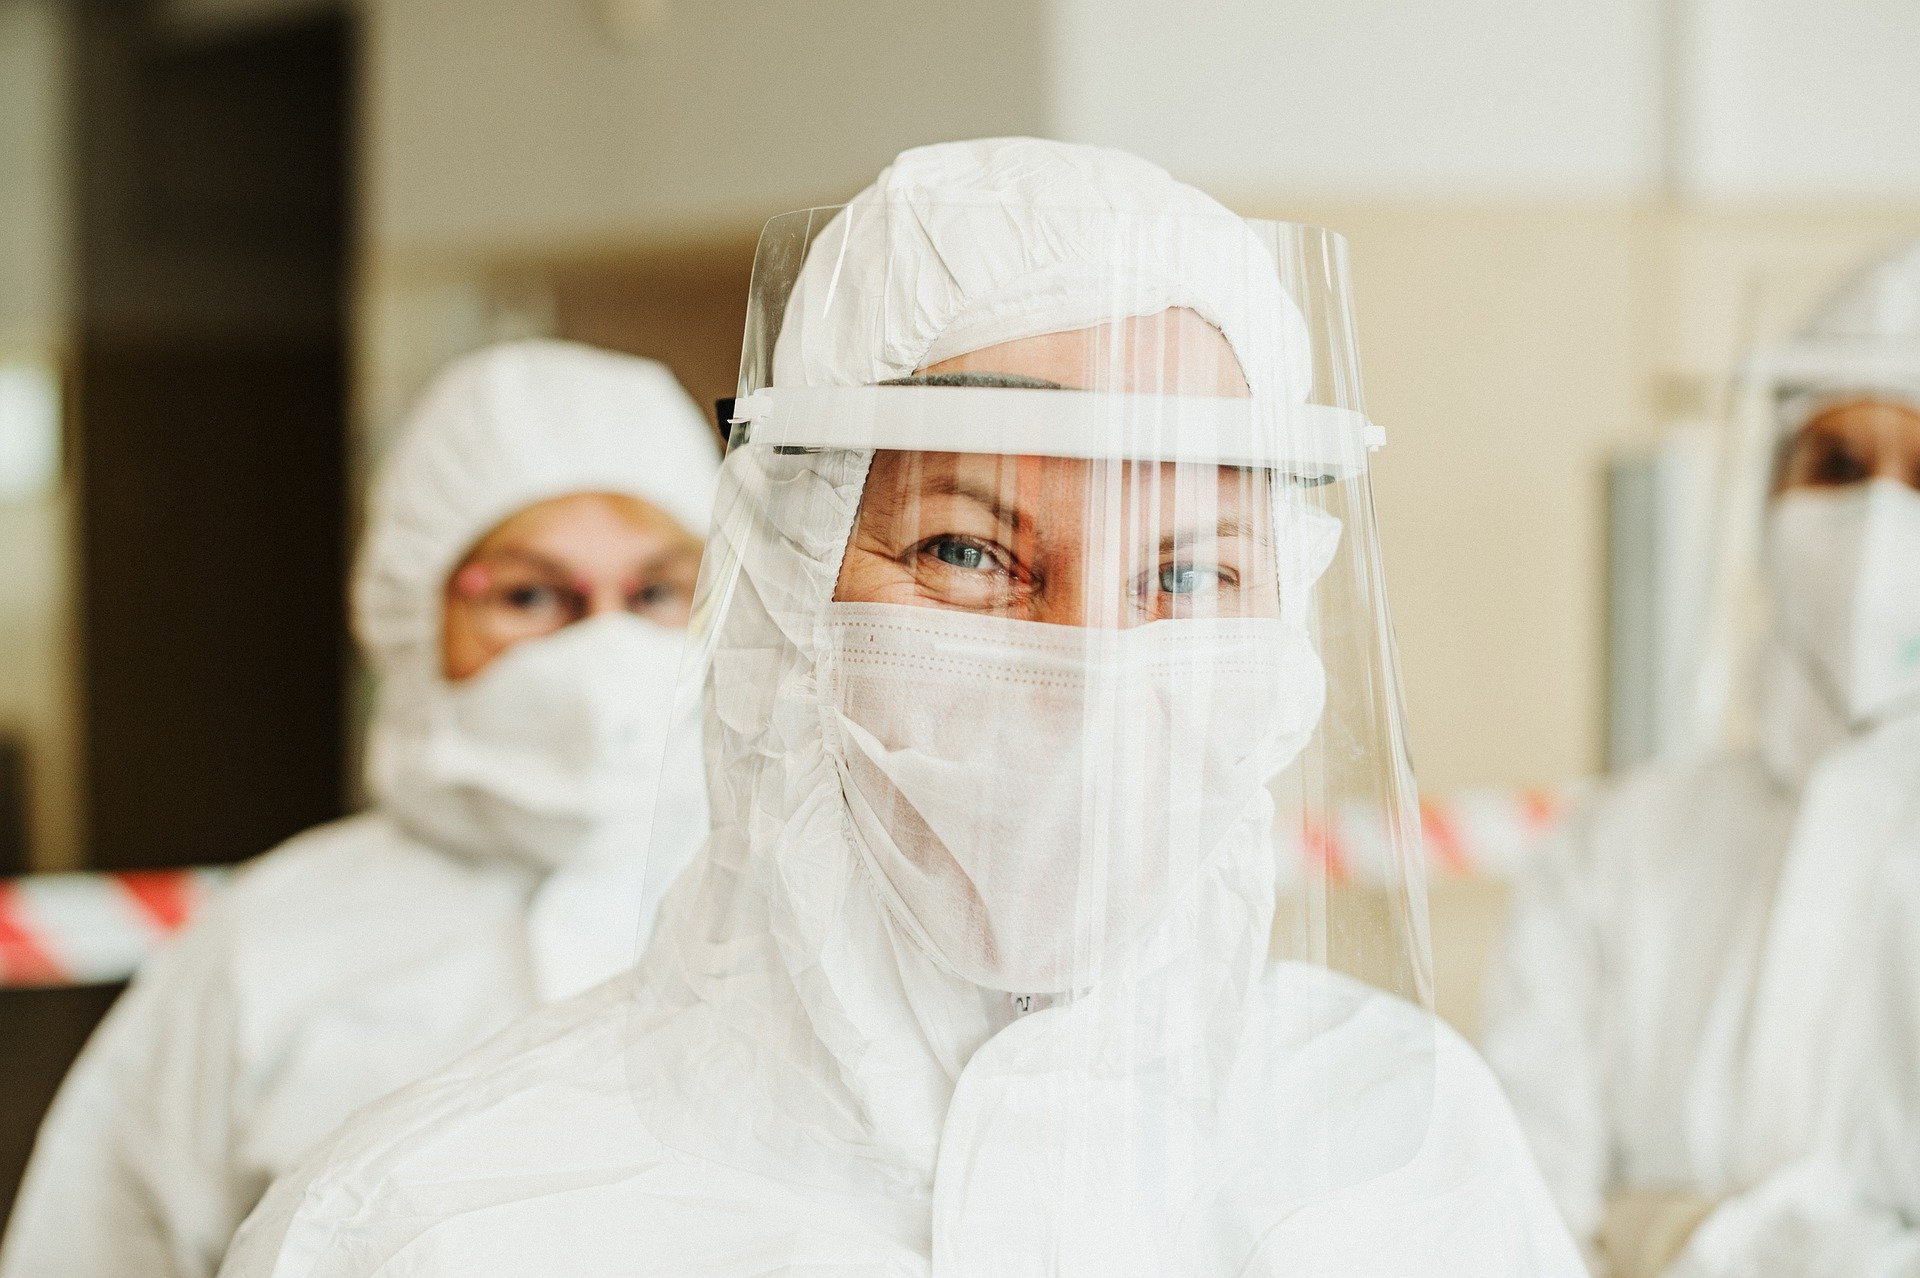 Koronawirus w Polsce jest już od roku. Pandemia w odwrocie czy przed nami trzecia fala?